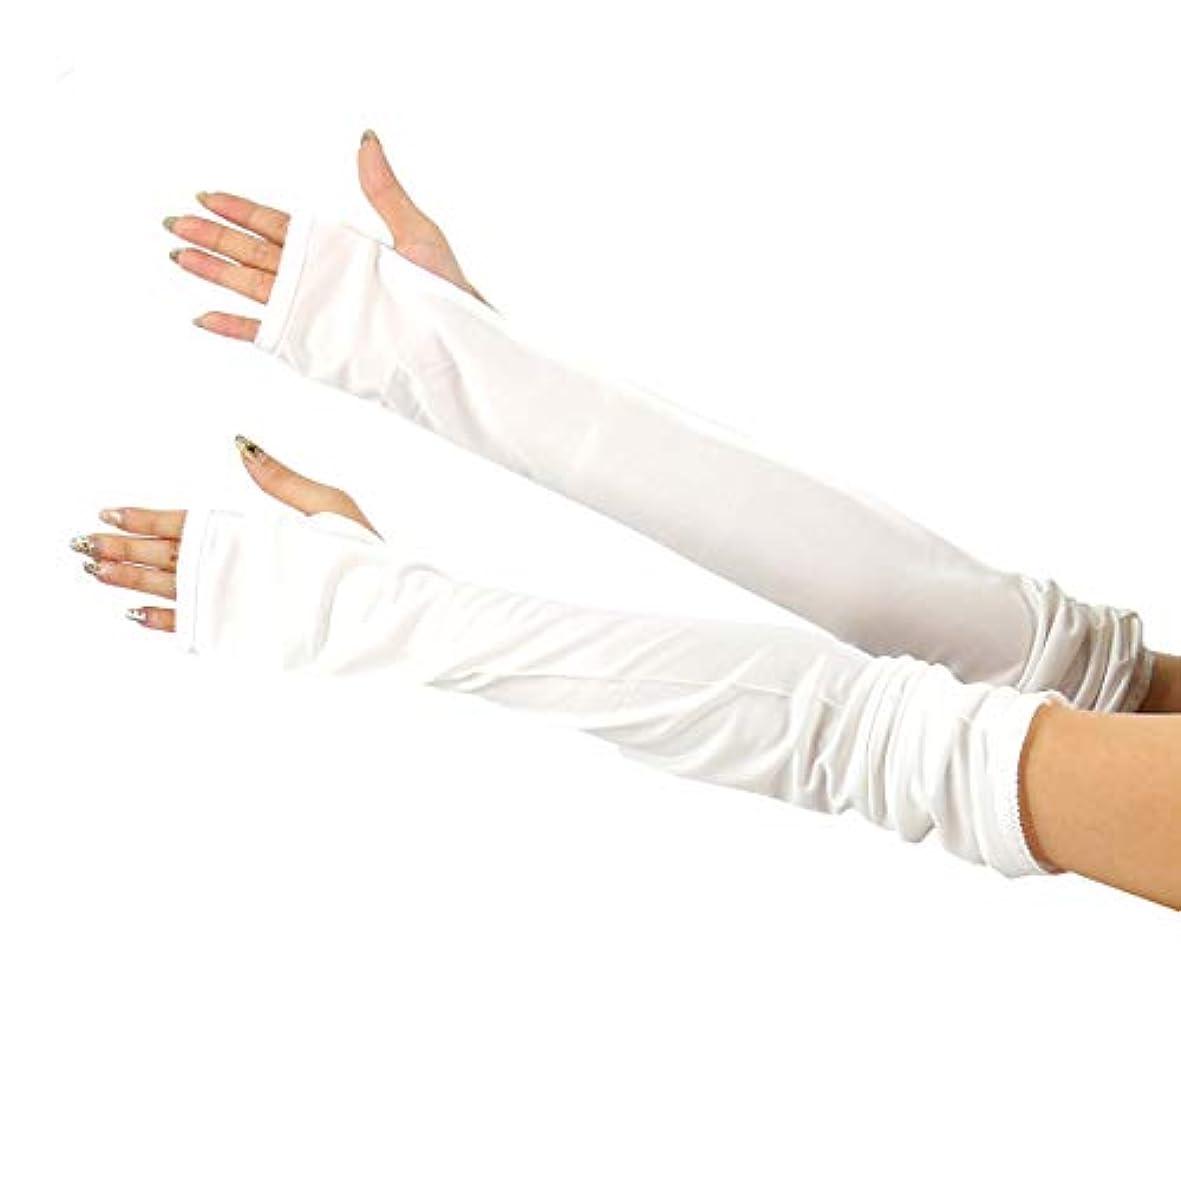 性差別先例呼び出す[スリーピングシープ] ひんやり サラサラ シルク100% UV 手袋 ハンドケア UV 手袋 手のお手入れに (M, ロング指無しホワイト)